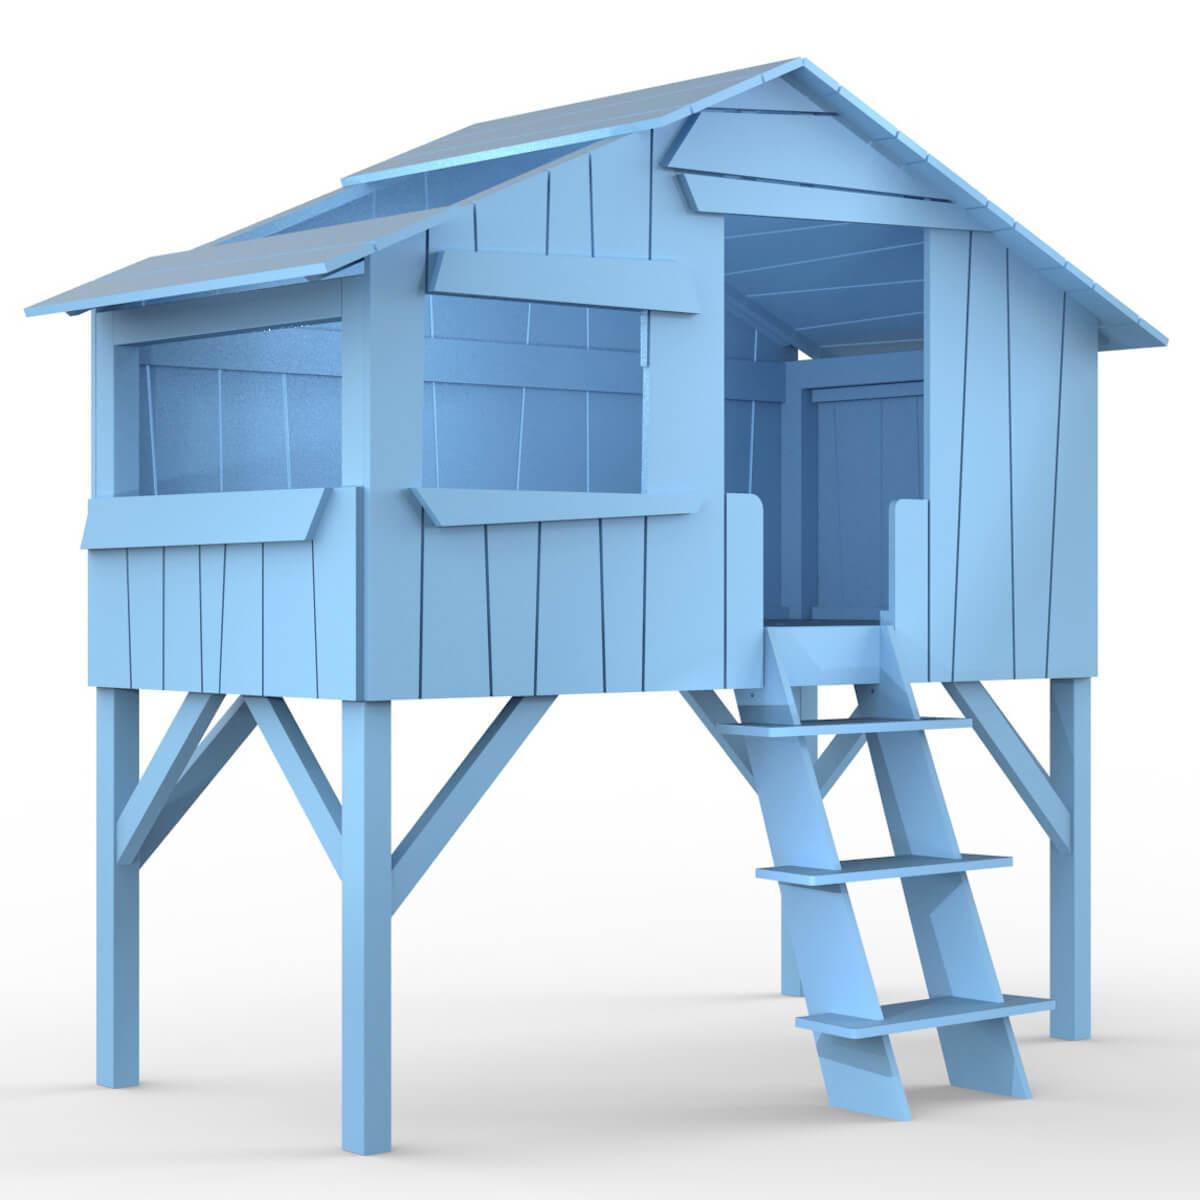 Lit mi hauteur 90x190cm CABANE Mathy by Bols bleu azur